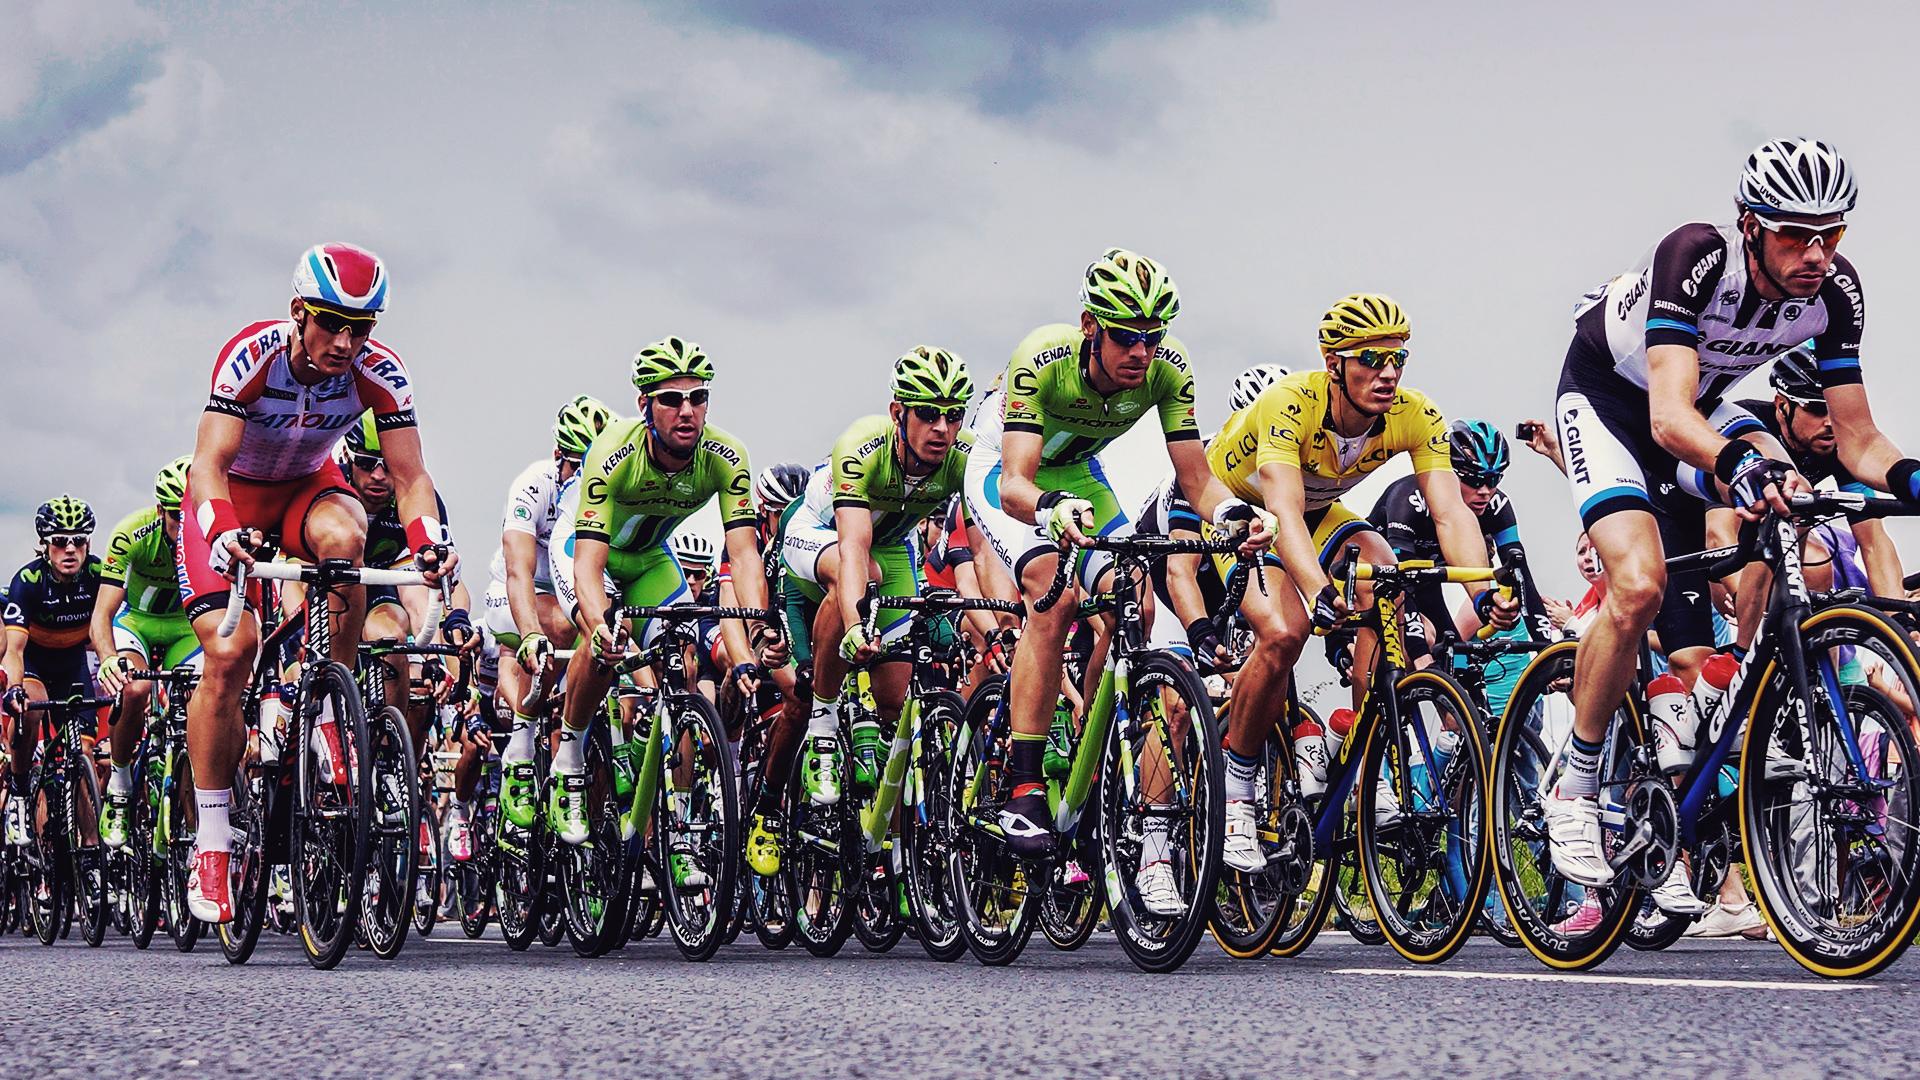 Picture This: The Tour de France – BLACKBIRD+